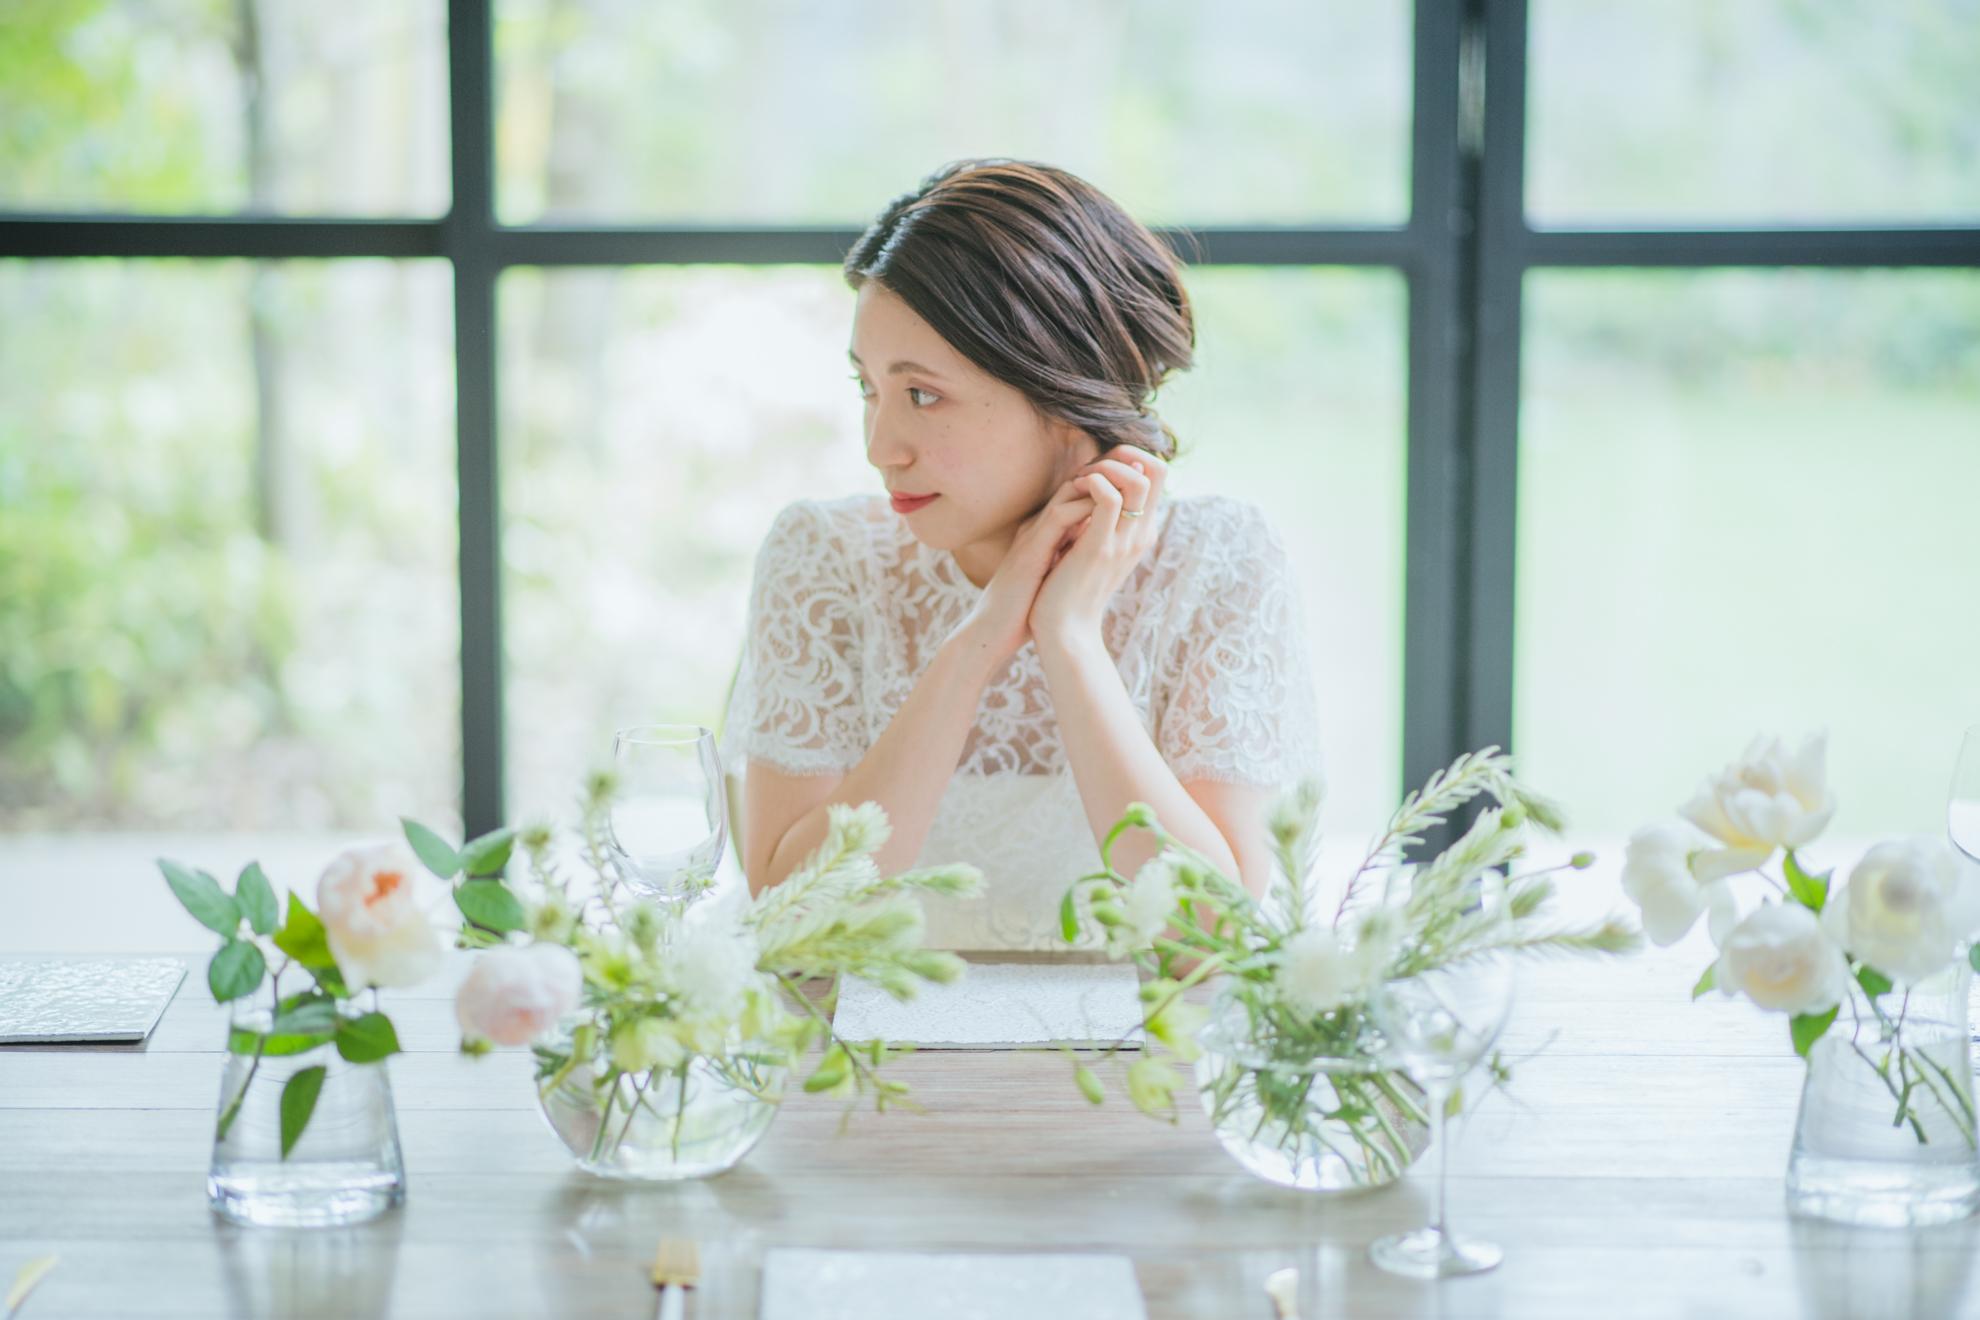 【ファミリー婚】少人数希望のお二人にピッタリ!豪華試食付きフェア